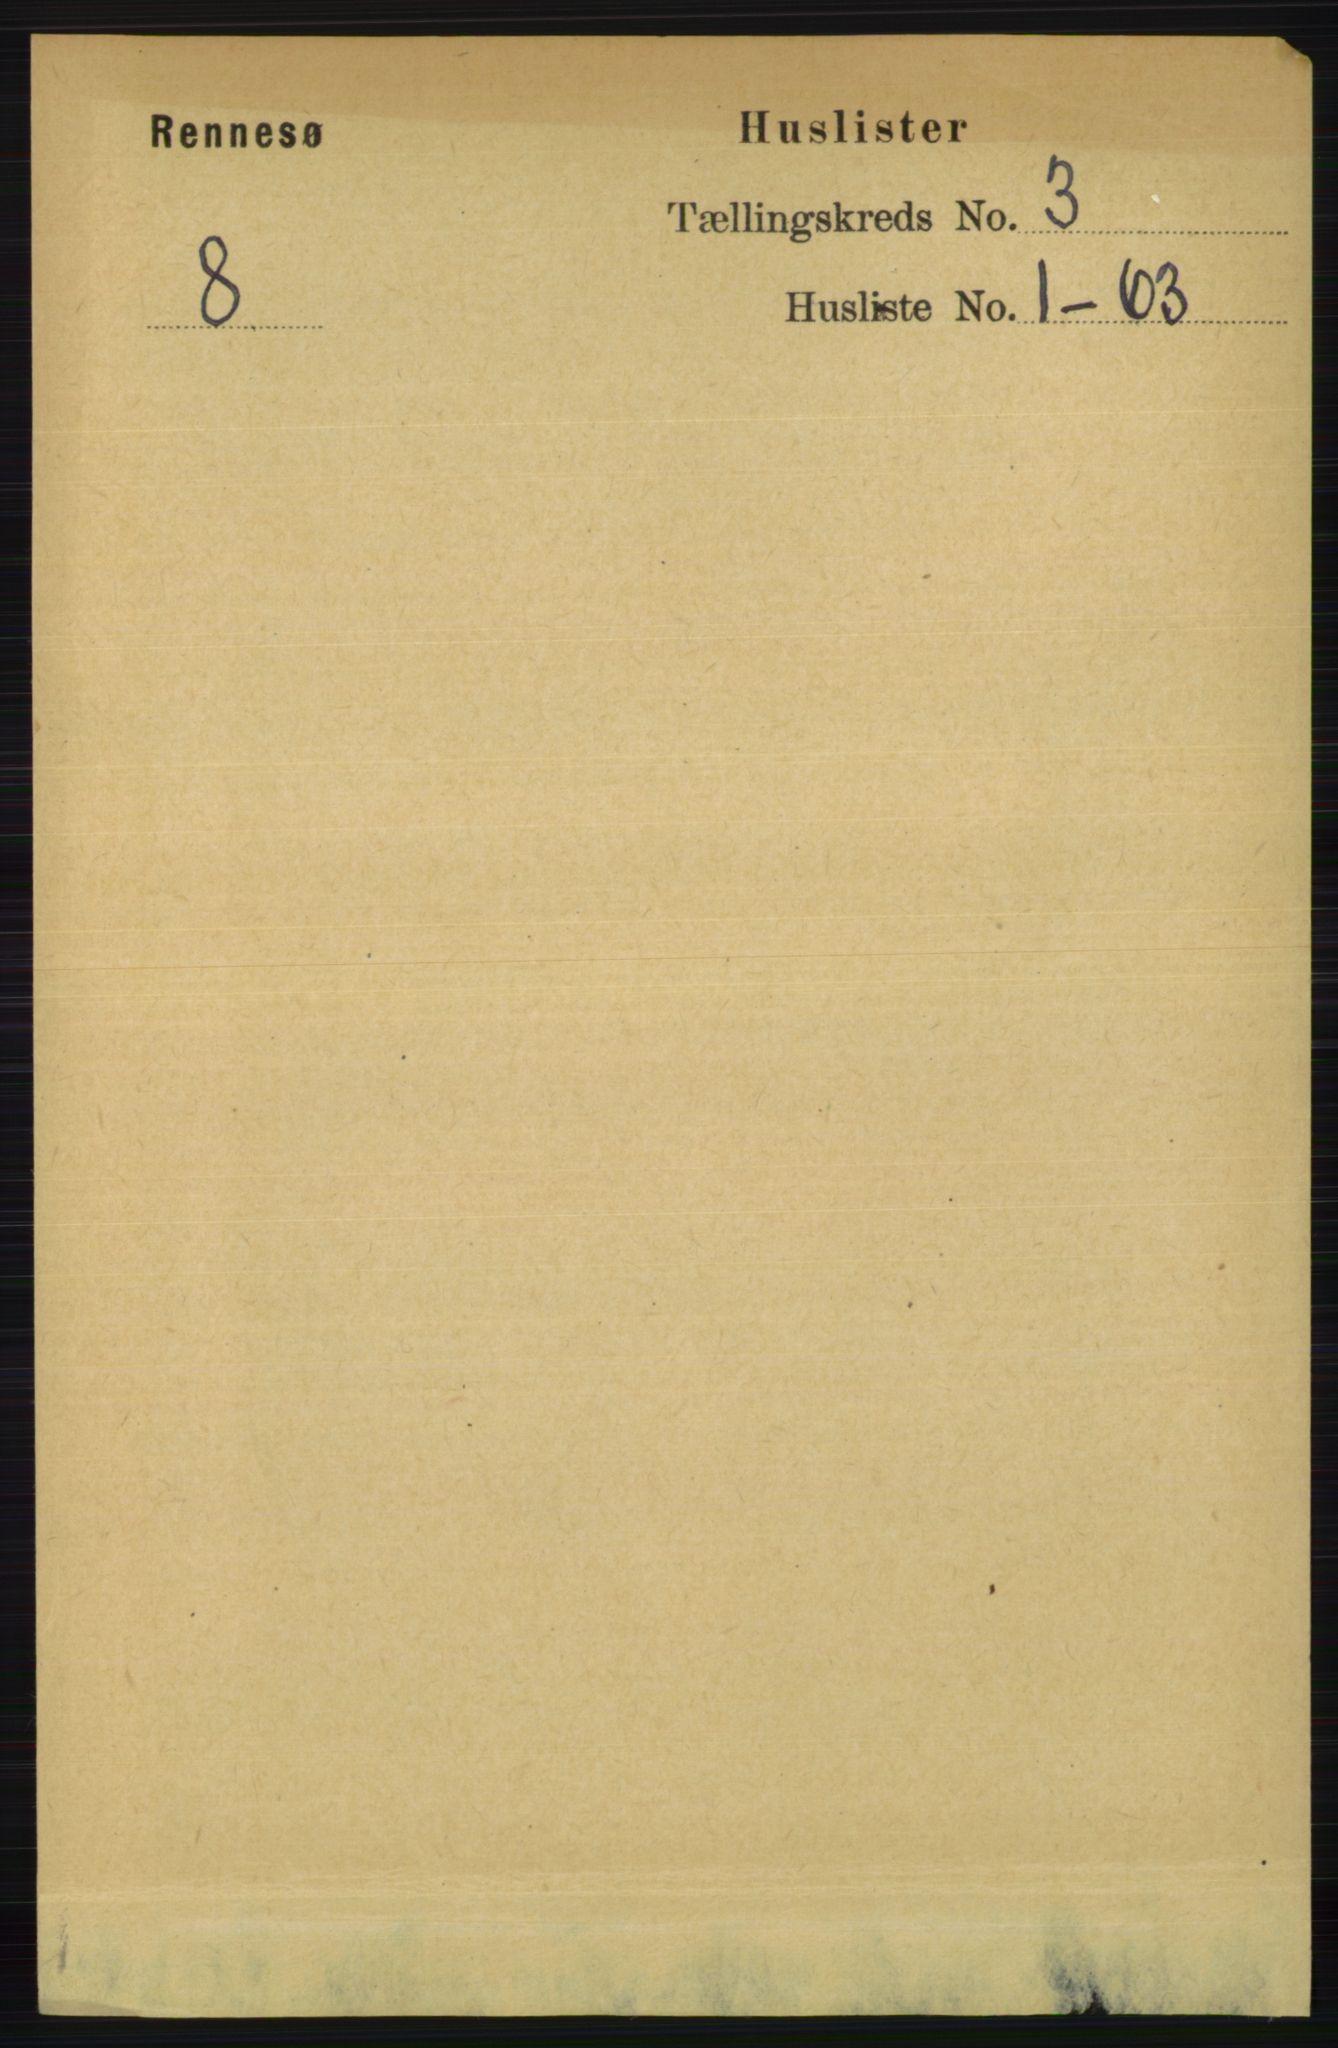 RA, Folketelling 1891 for 1142 Rennesøy herred, 1891, s. 923